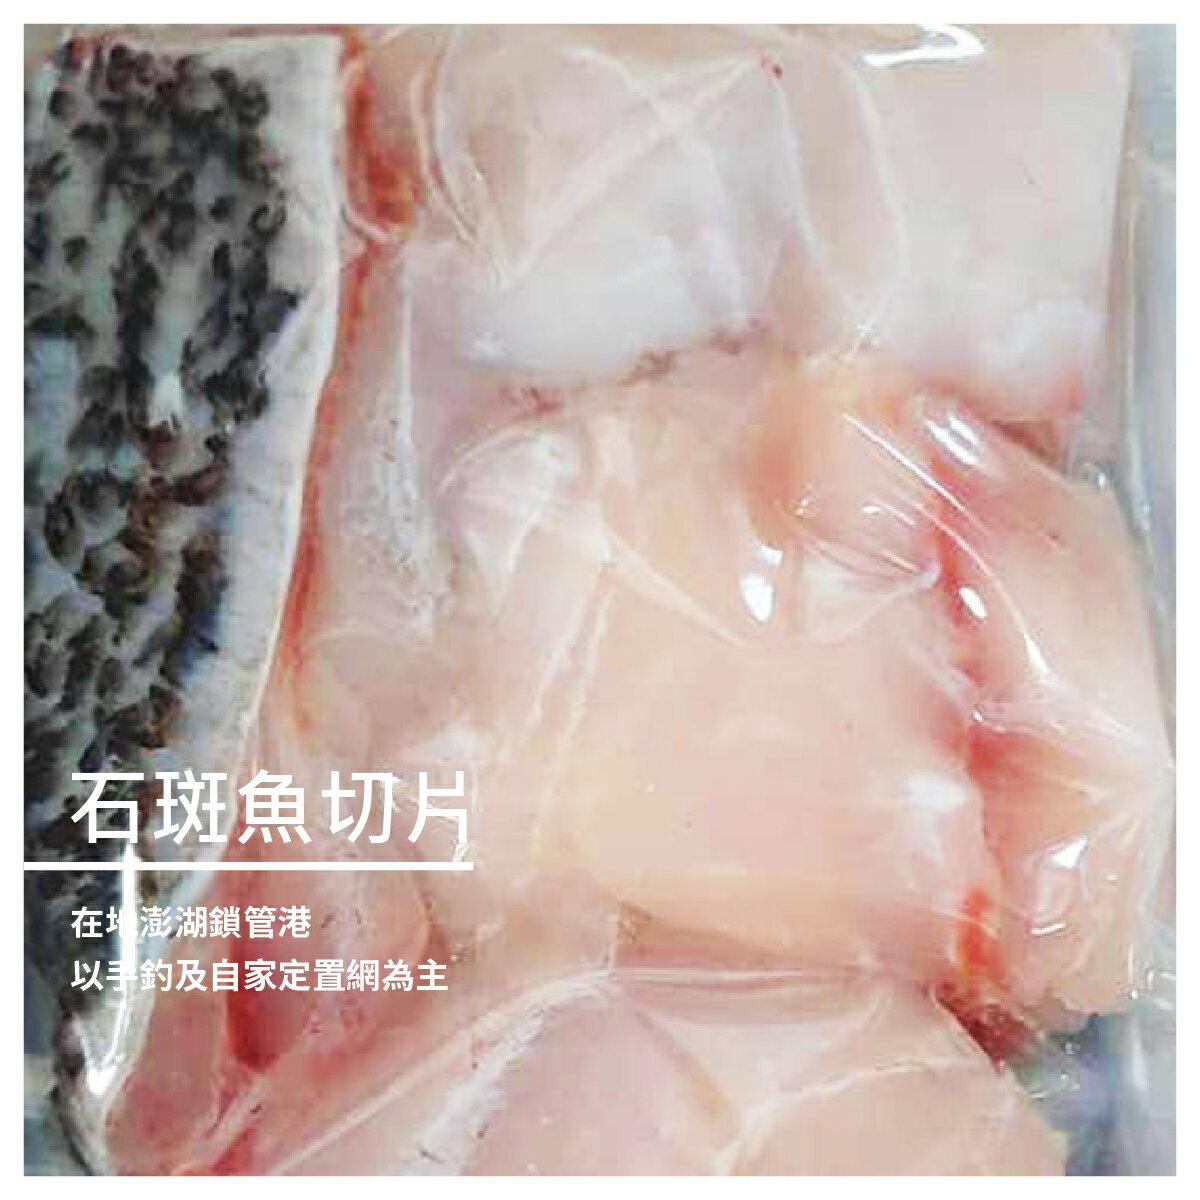 【澎湖魚力海鮮】石斑魚切片 250-300g/盒